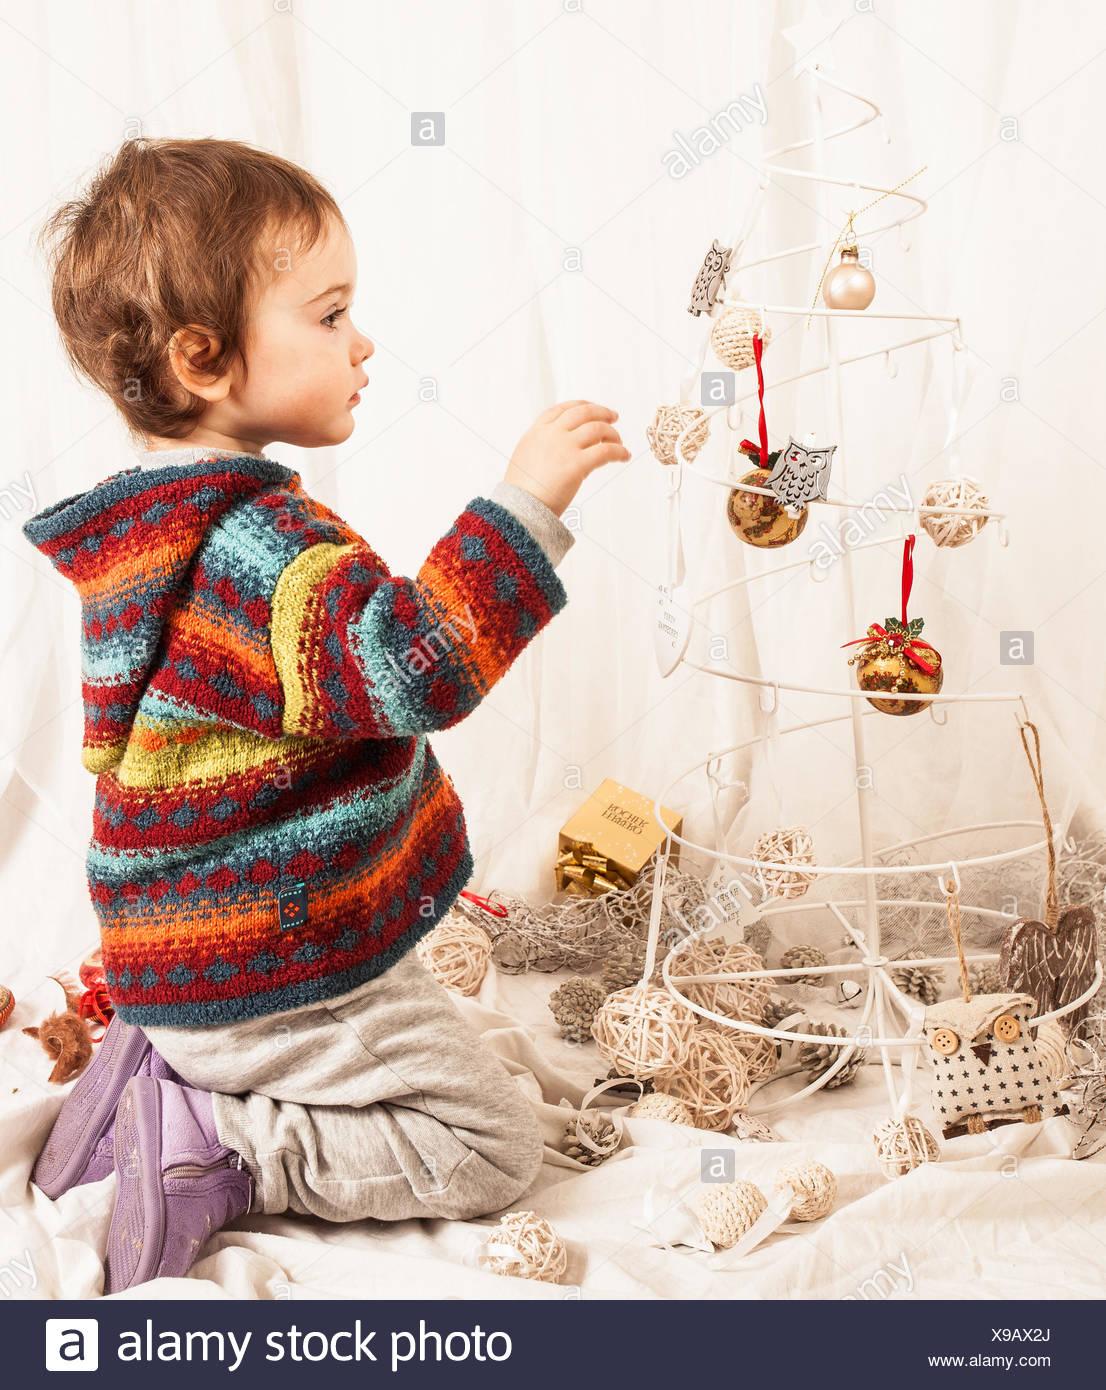 Garçon jouant avec décoration de Noël sur le lit chez lui Photo Stock